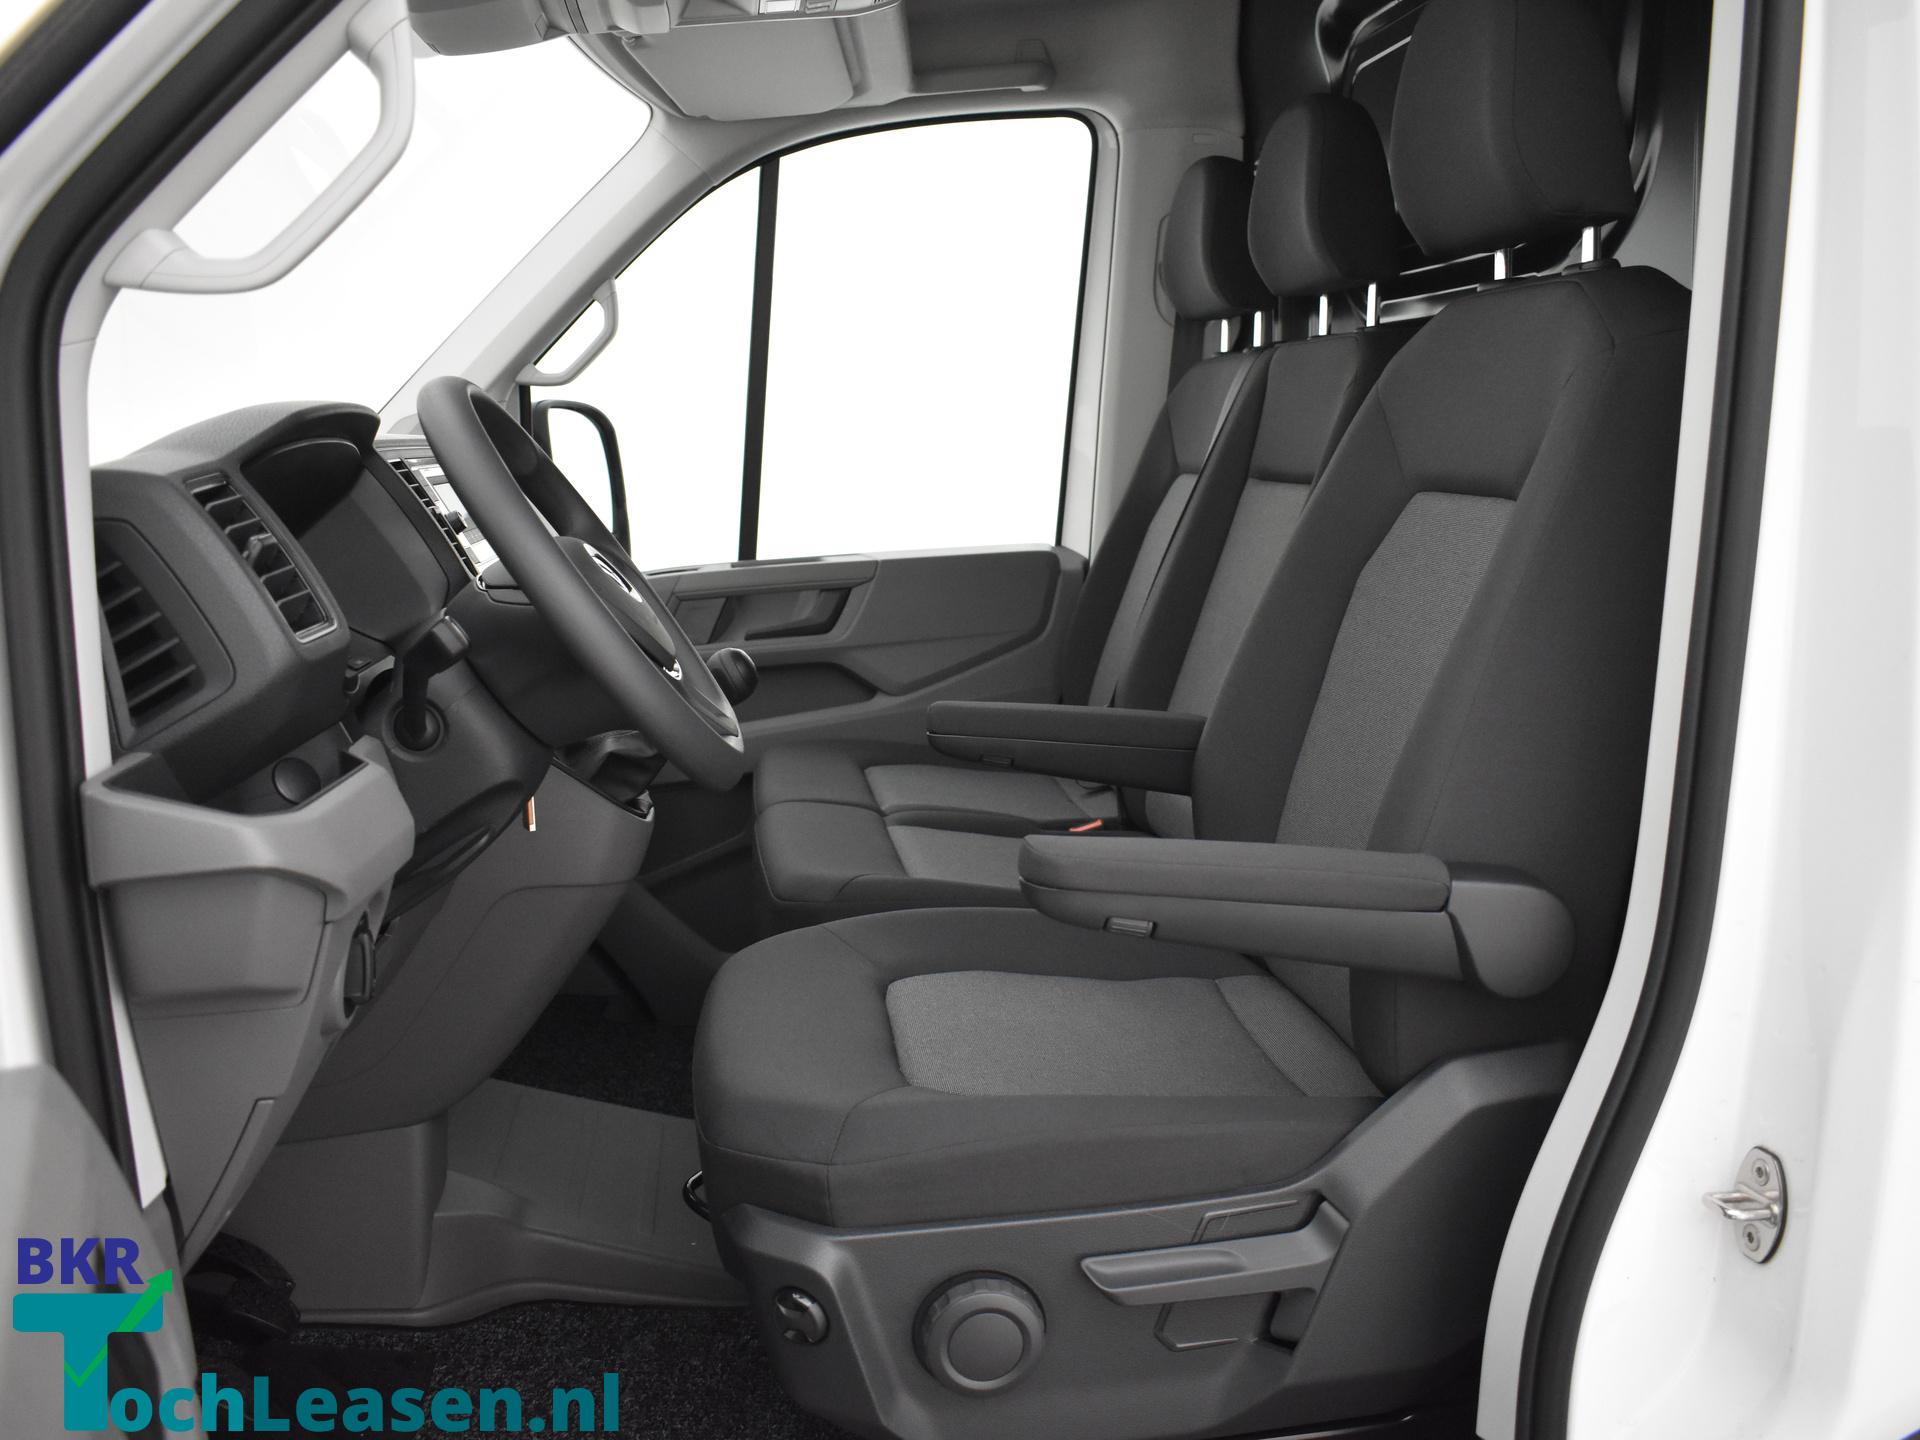 BkrTochLeasen.nl - Witte Volkswagen Crafter 18